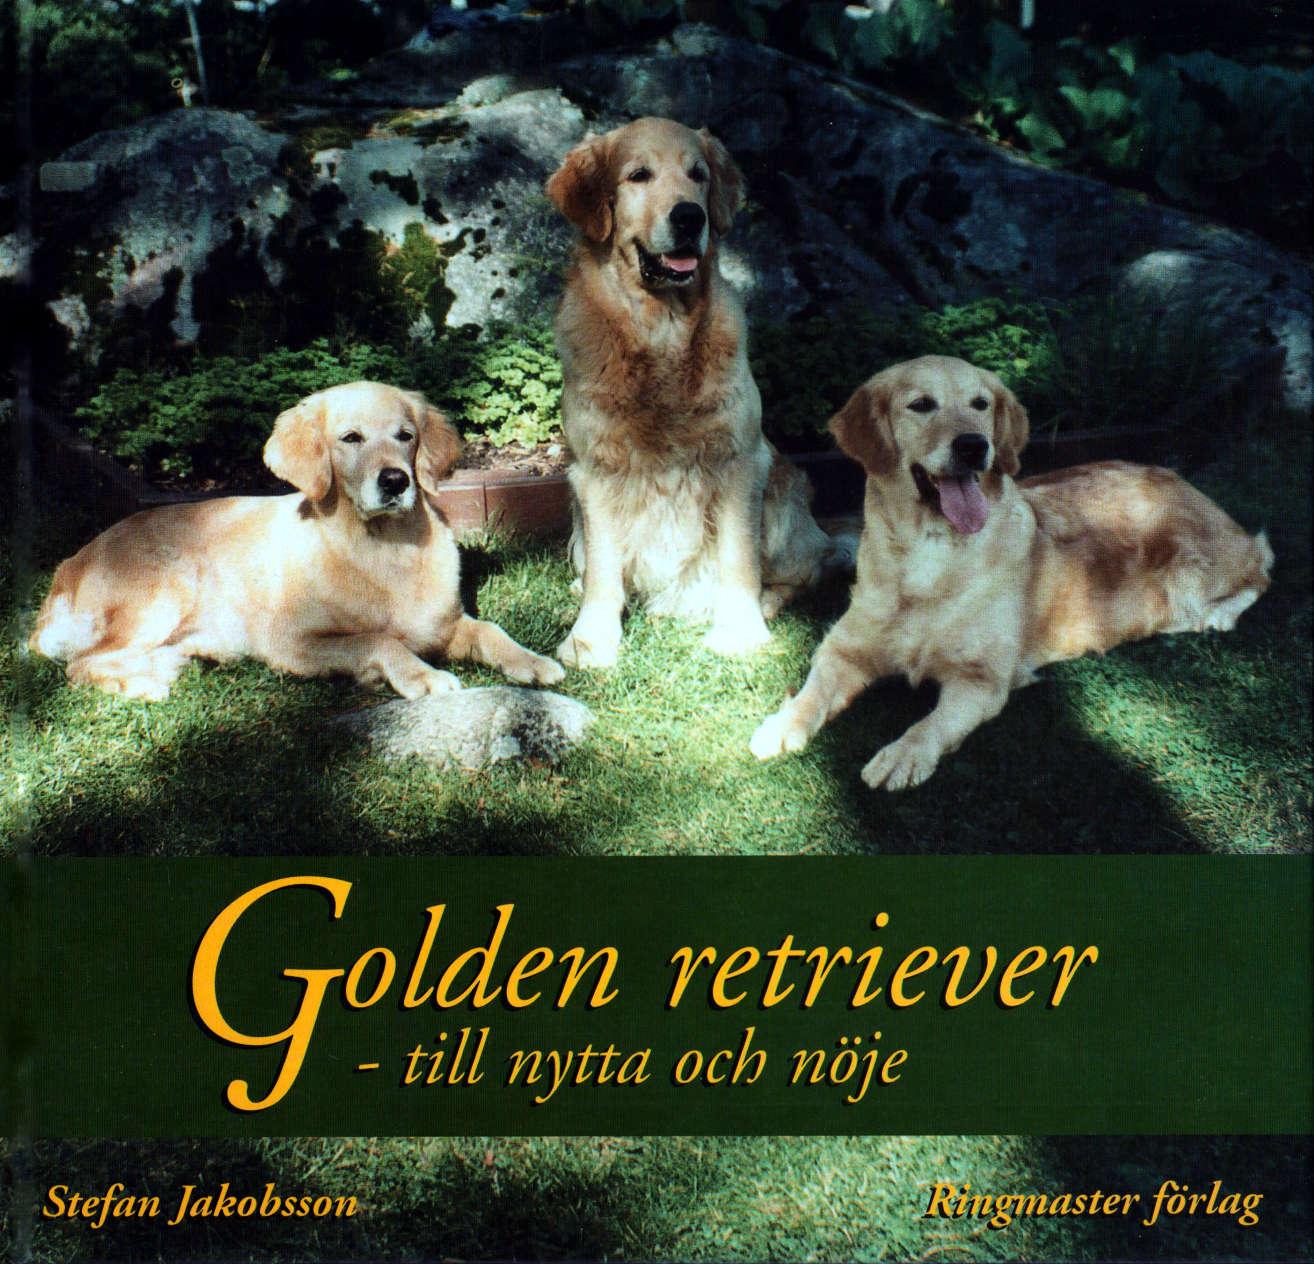 Golden retriever -till nytta och nöje